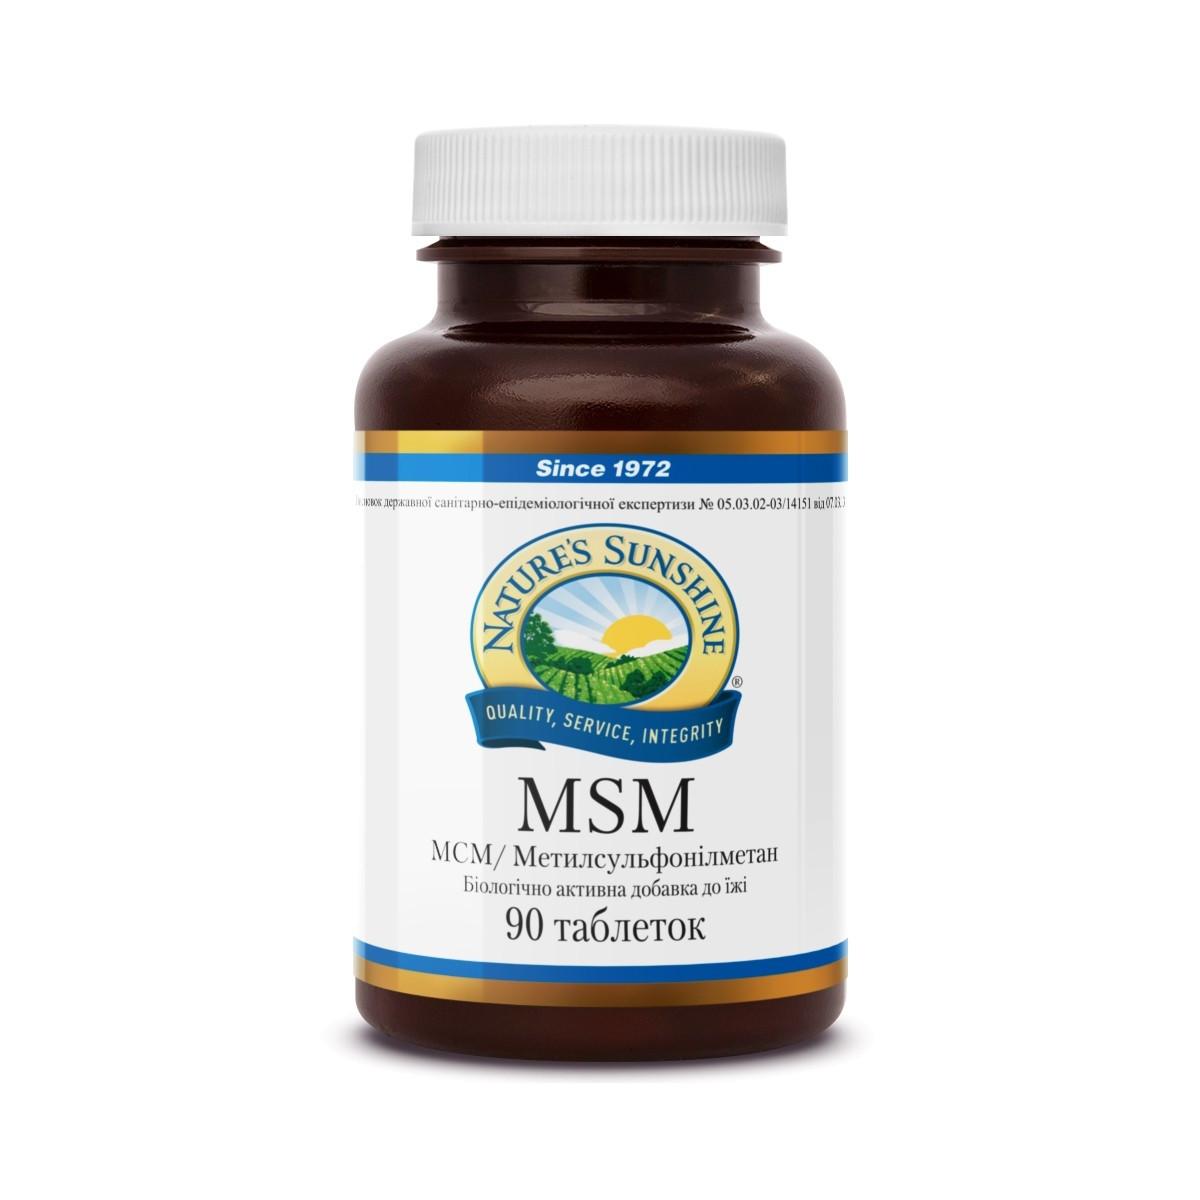 Сера. МСМ..MSM бад НСП. очистка крови от аллергенов.